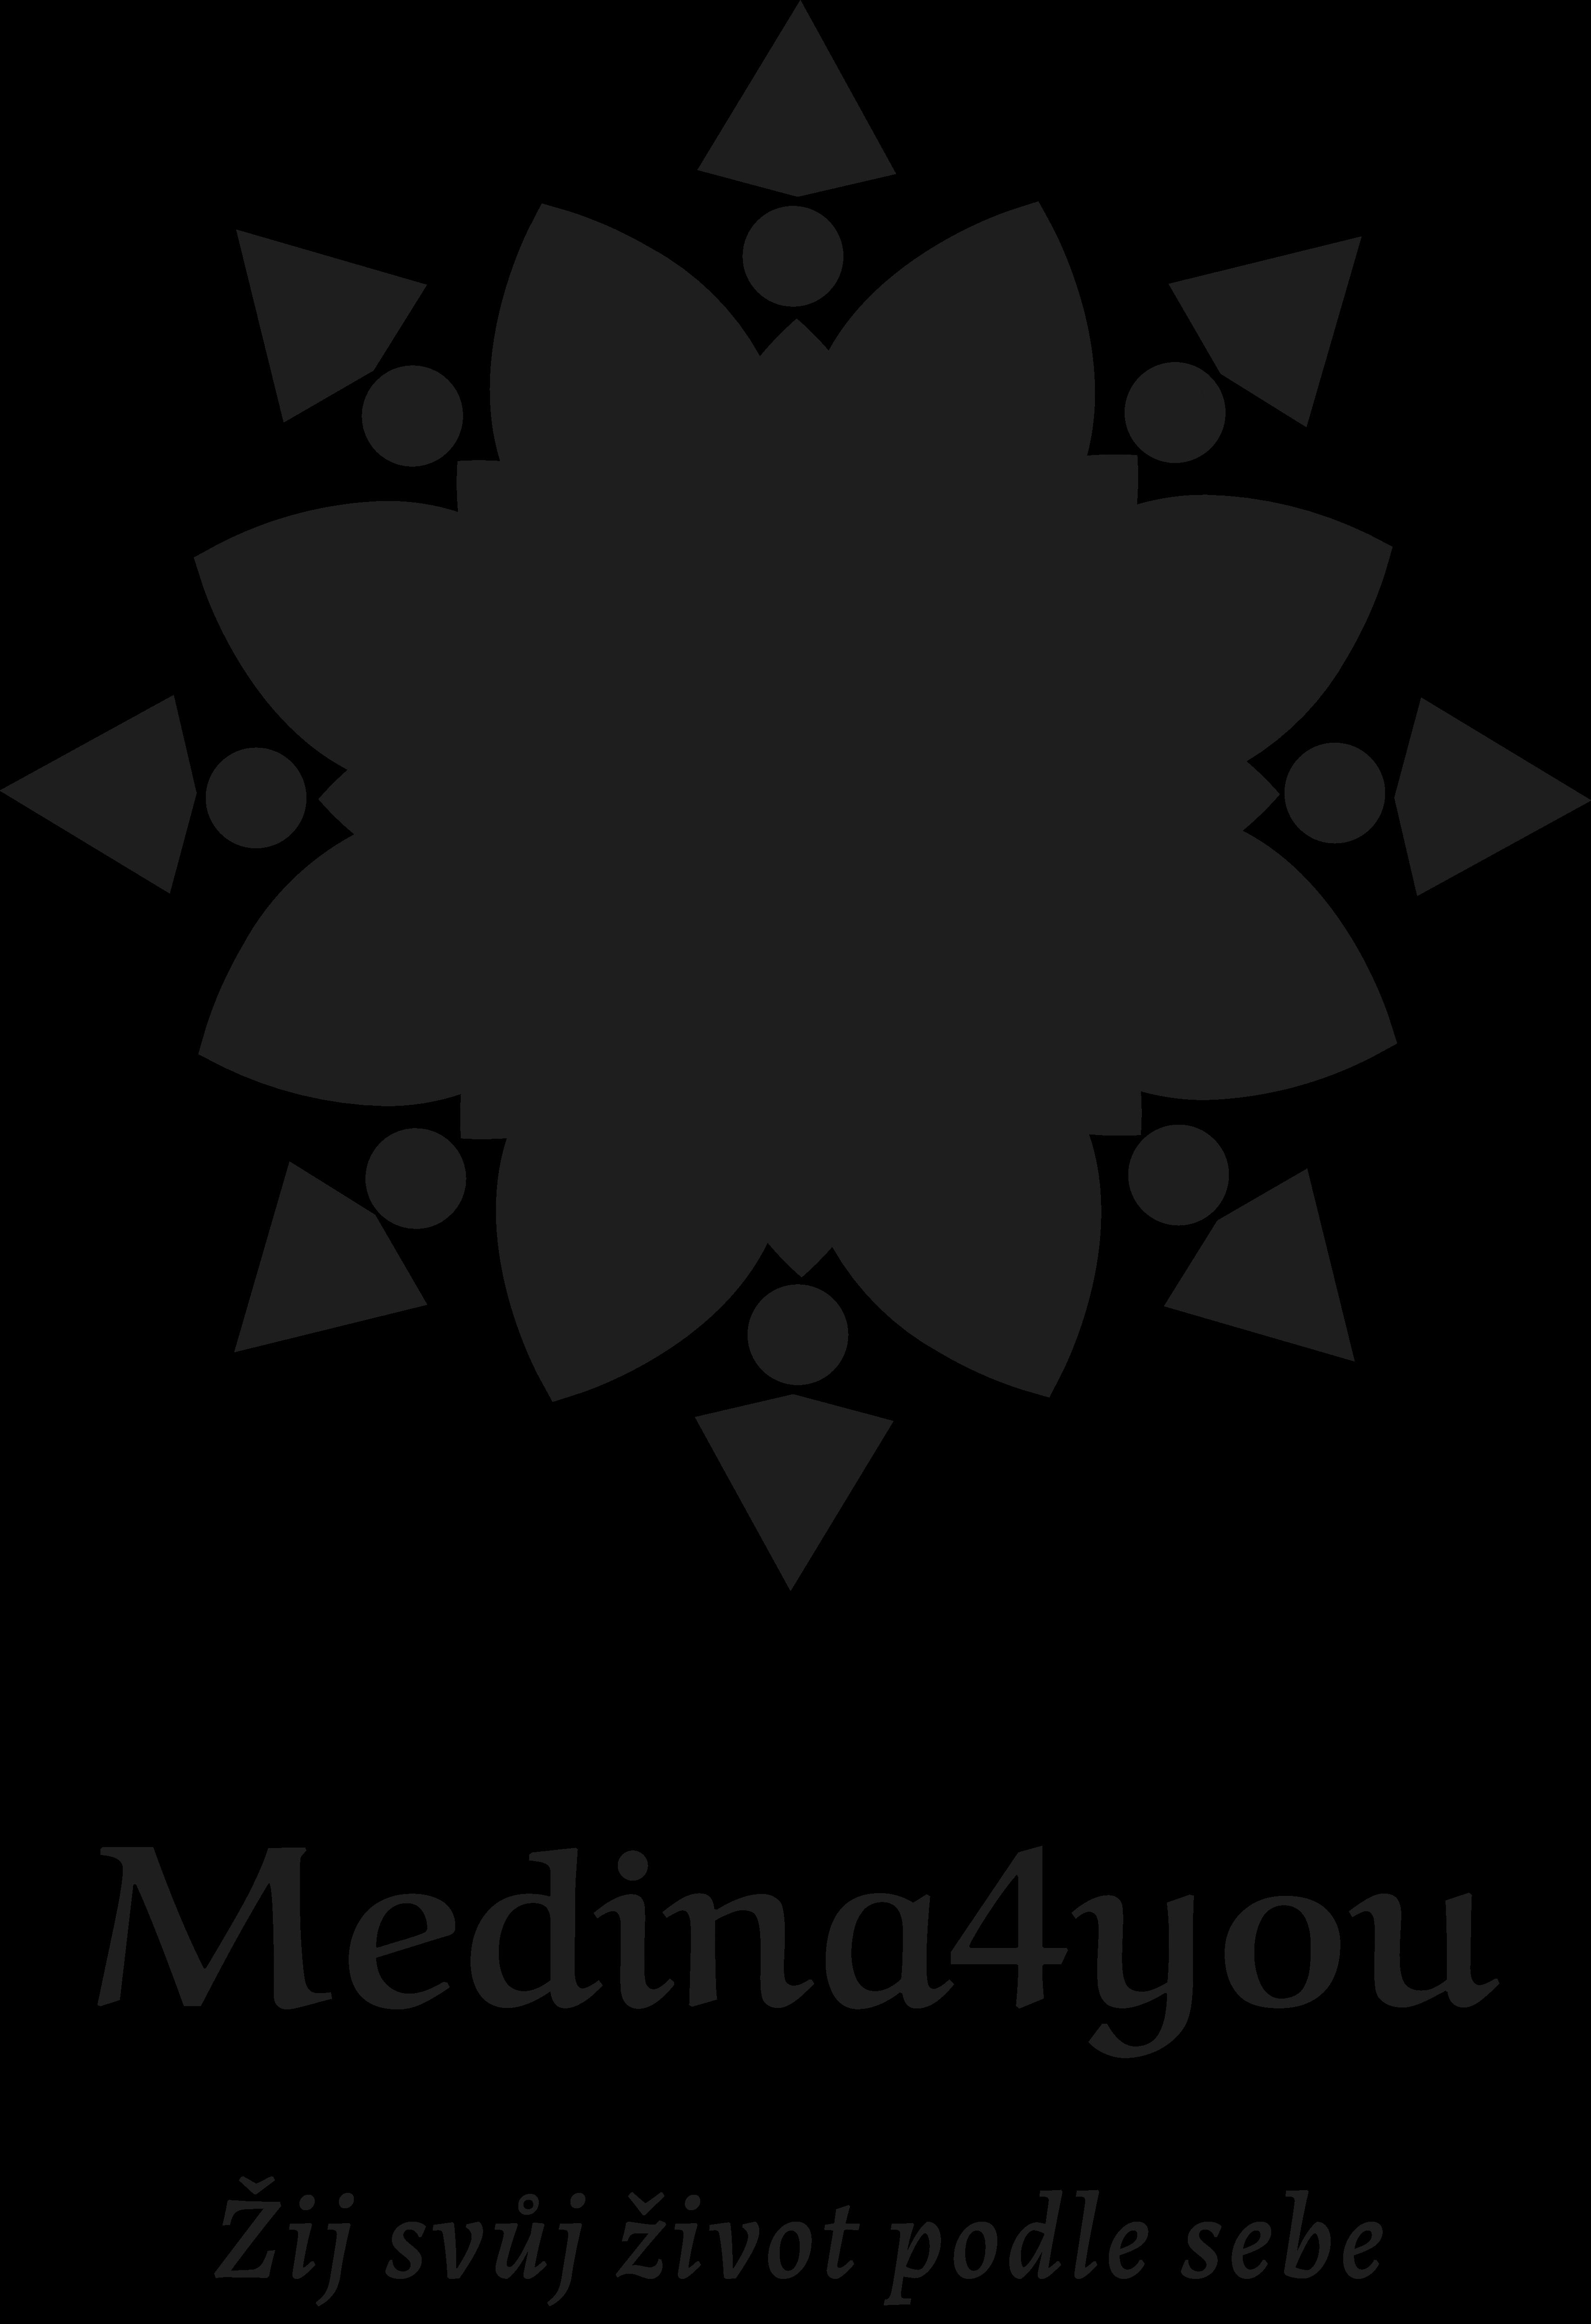 Medina4you